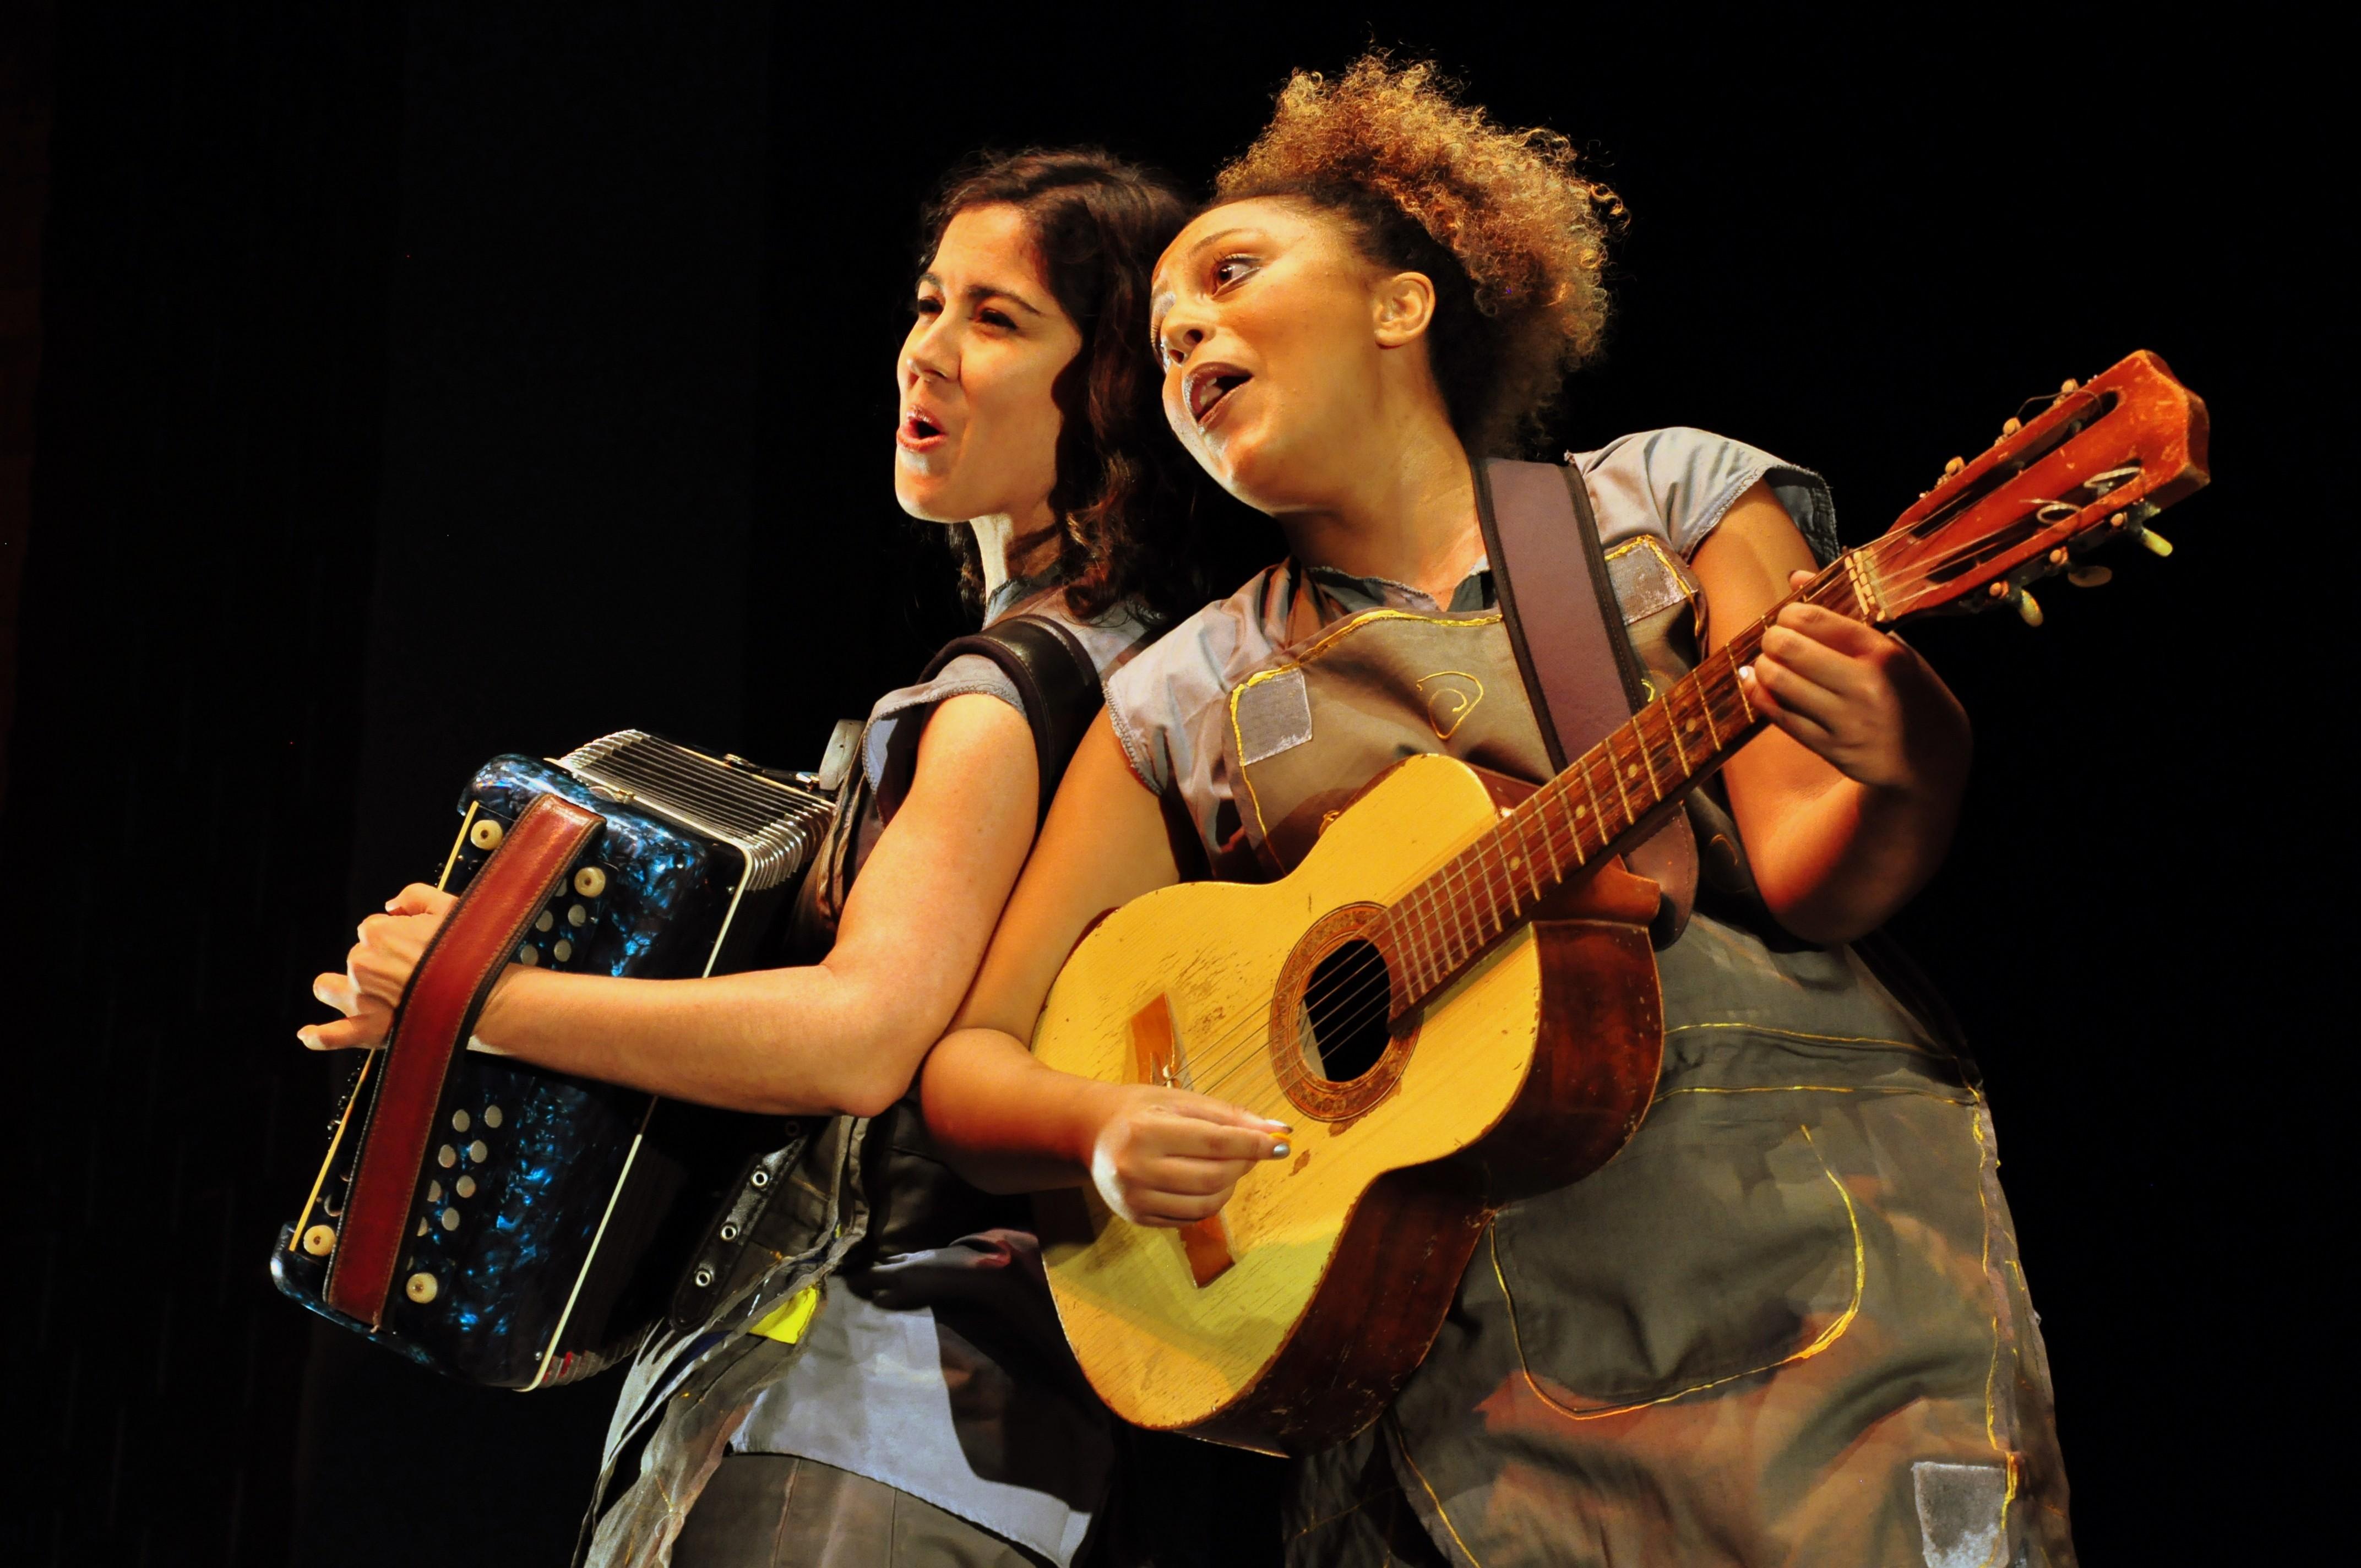 Princesa e Costureira (Foto: Alexandre Krug/divulgação )